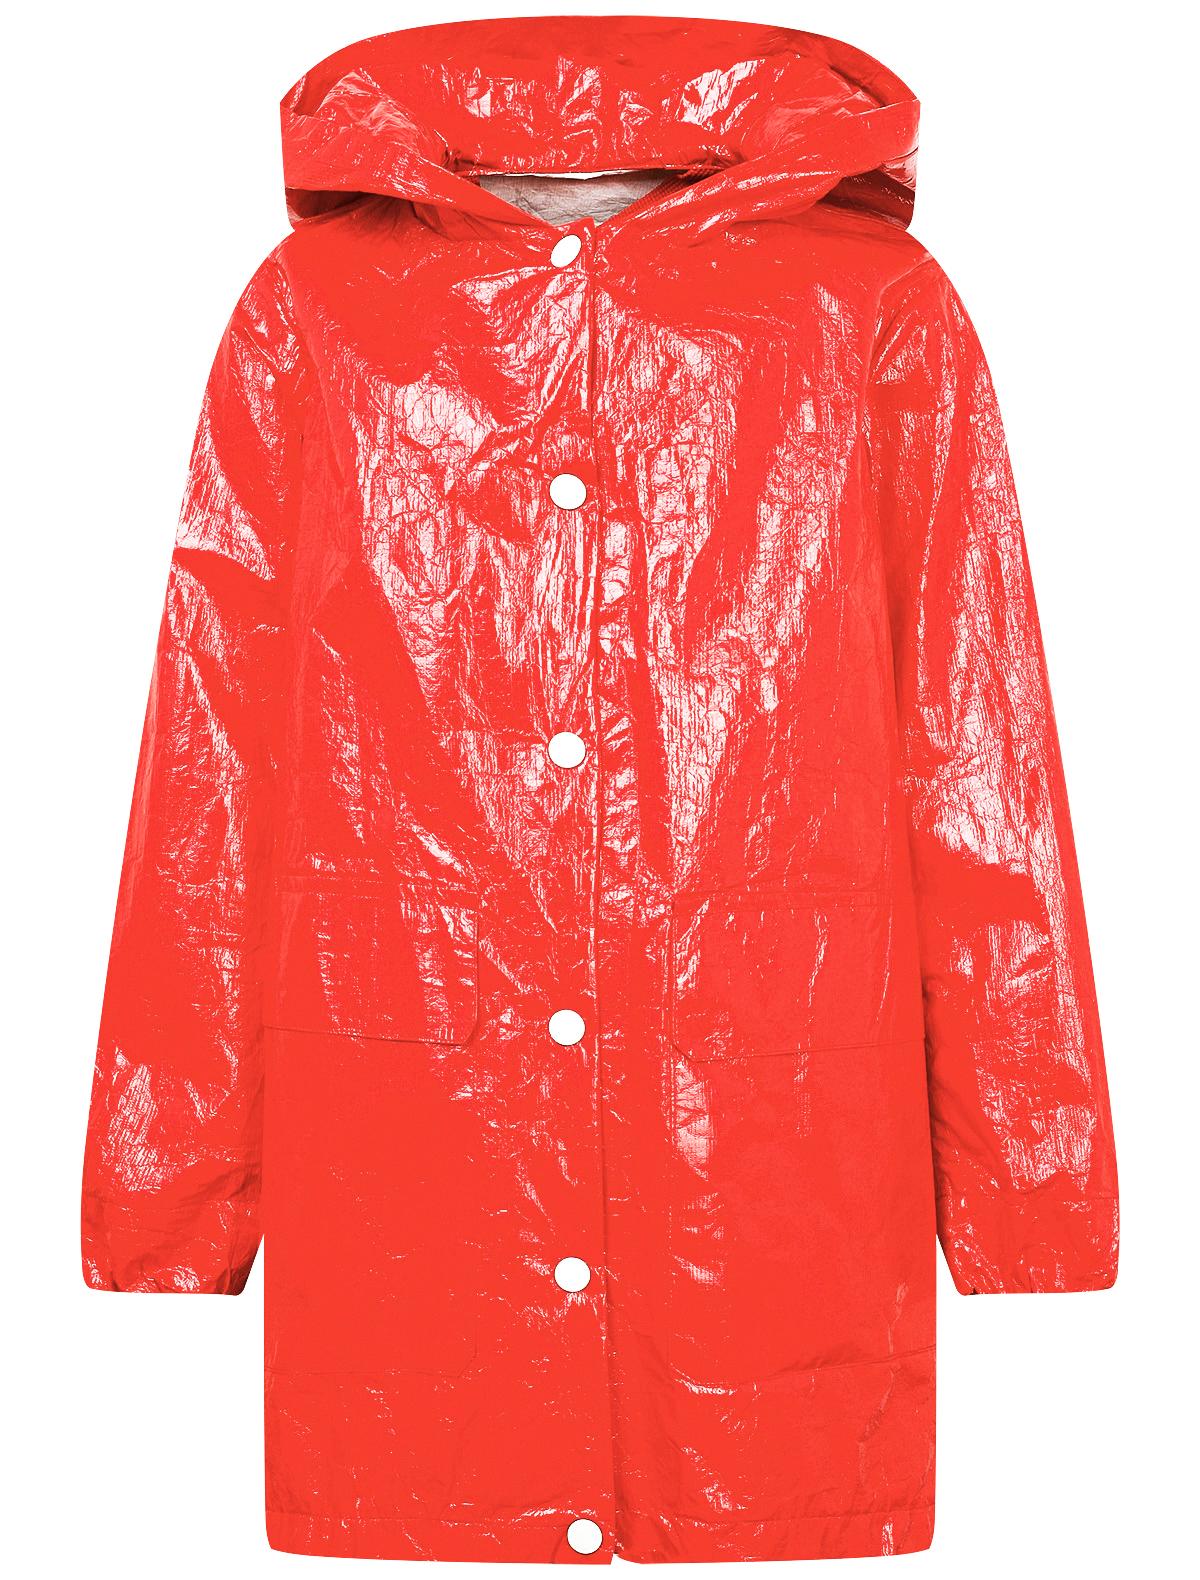 Купить 2169840, Куртка FREEDOMDAY, красный, Женский, 1074509070481